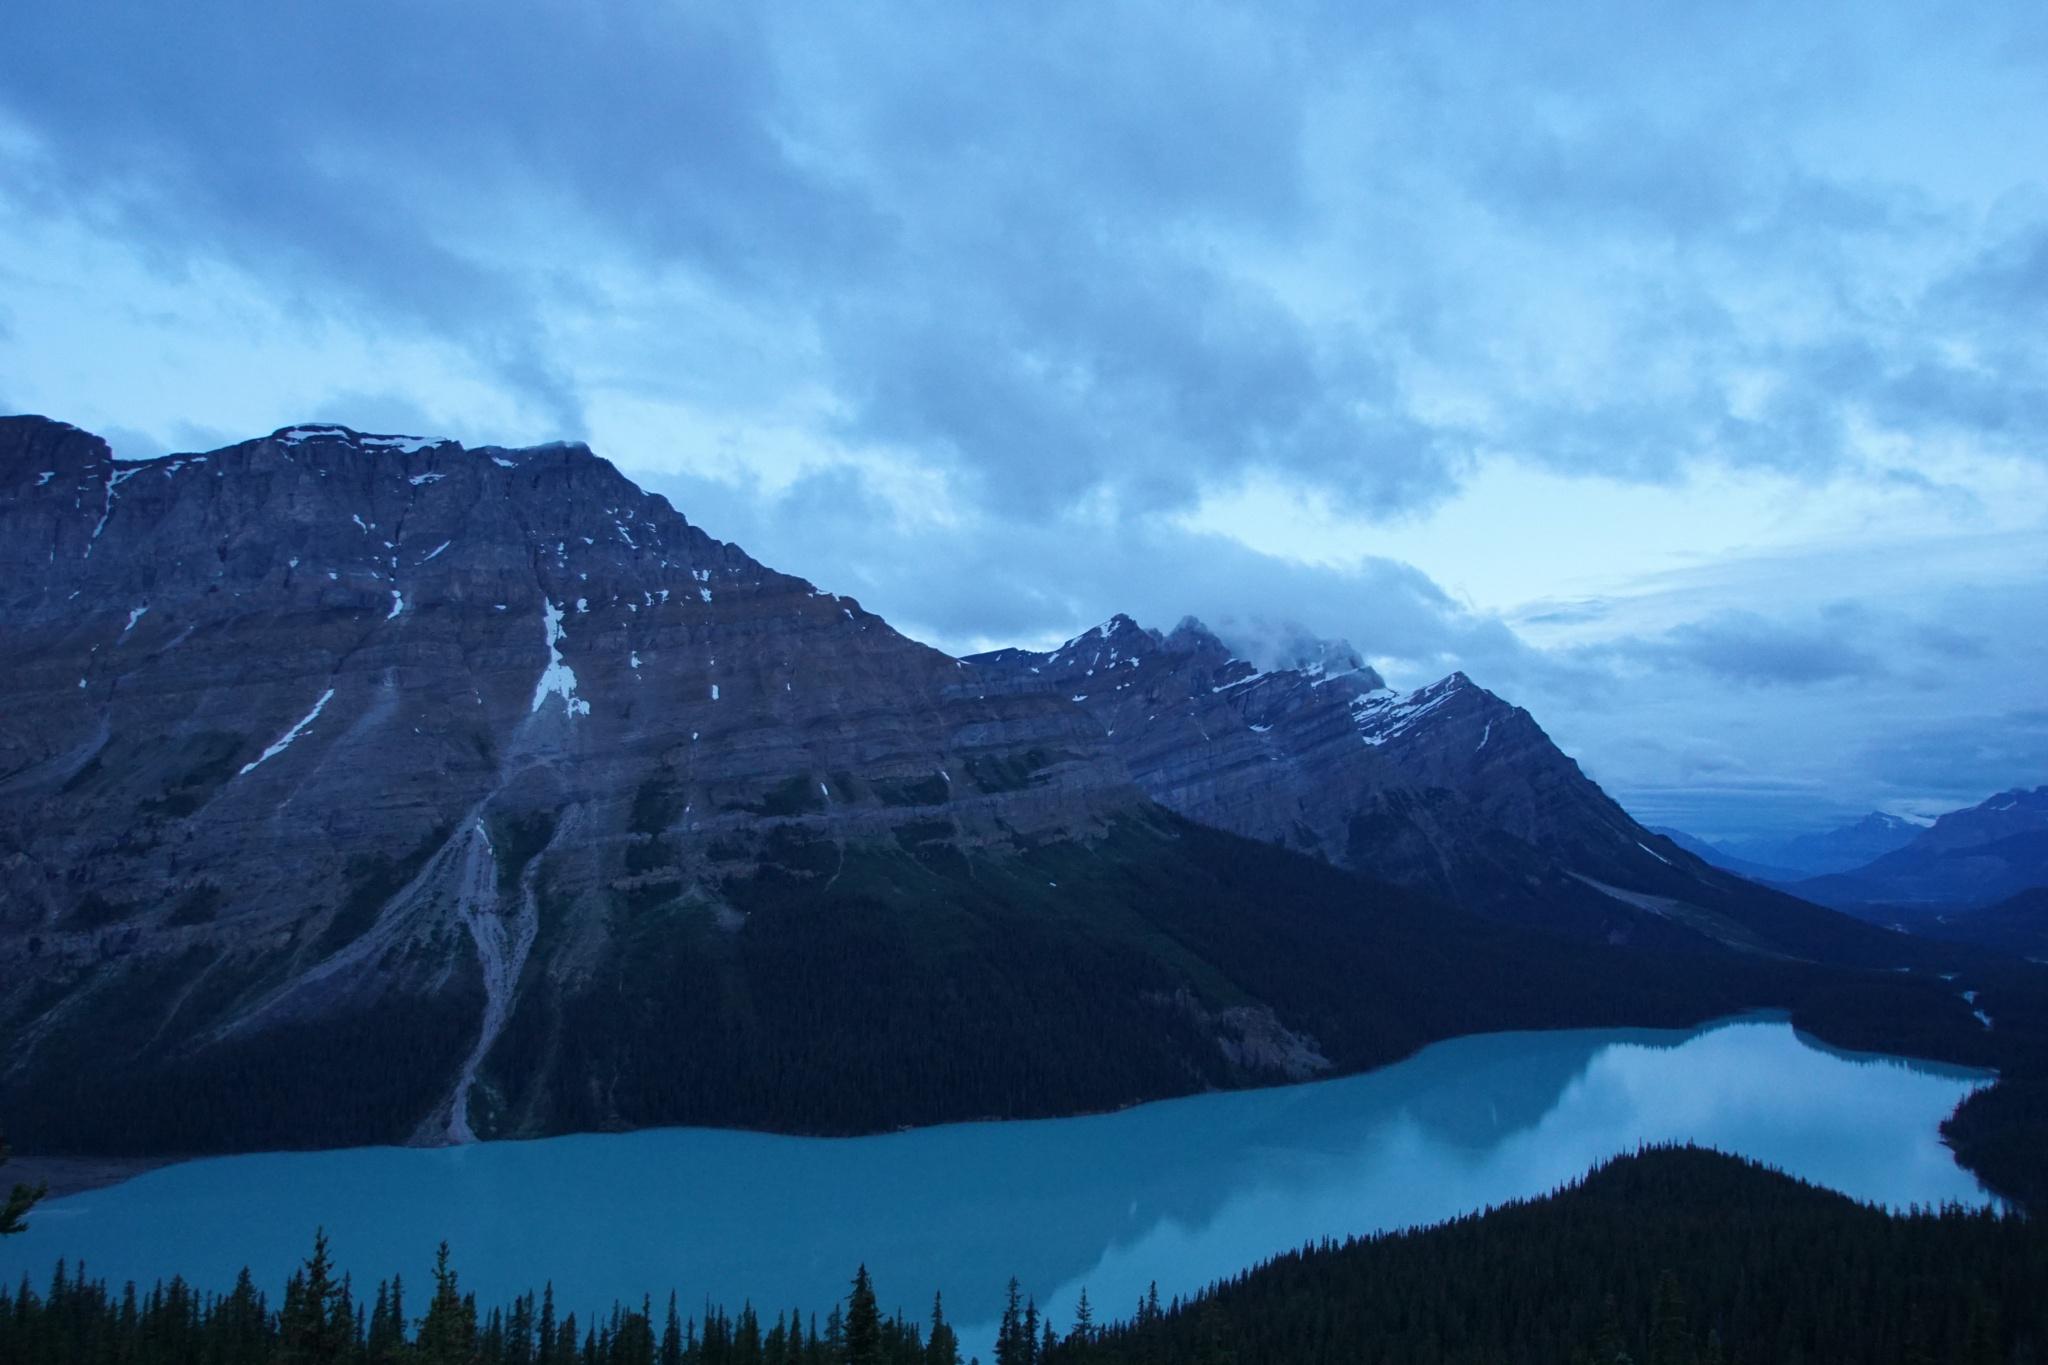 Peyto Lake - Banff National Park by Ryan Kole